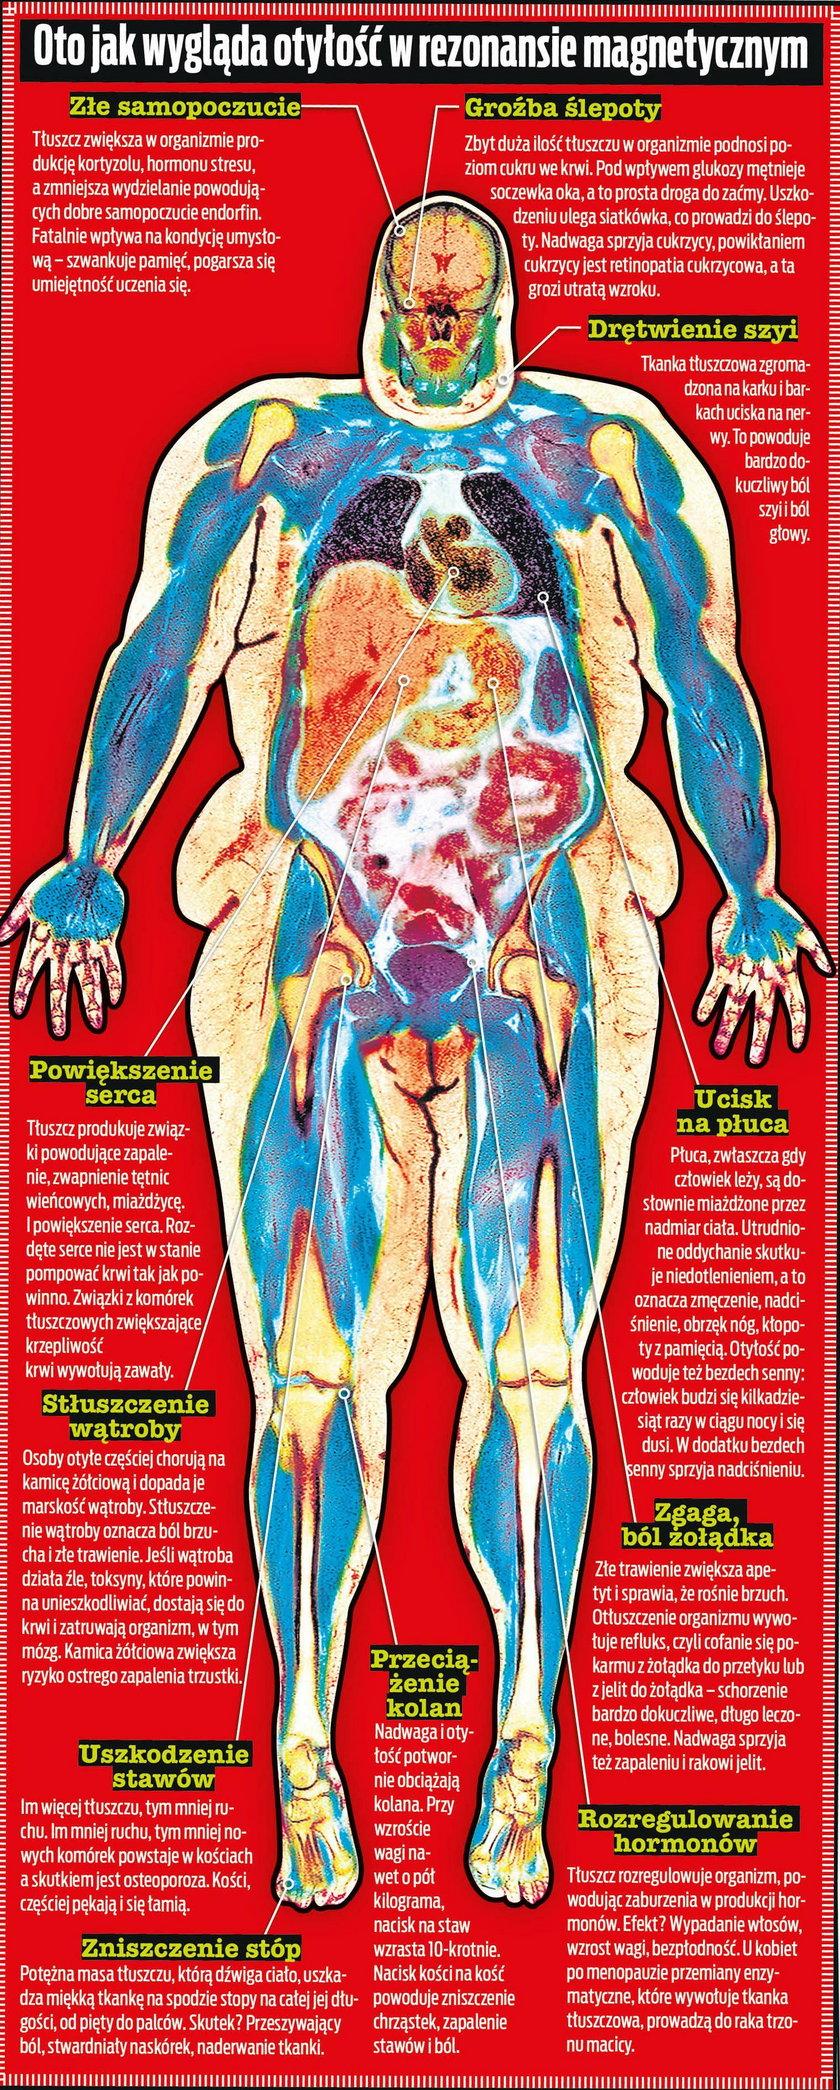 Tak wyglądają konsekwencje otyłości w rezonansie magnetycznym